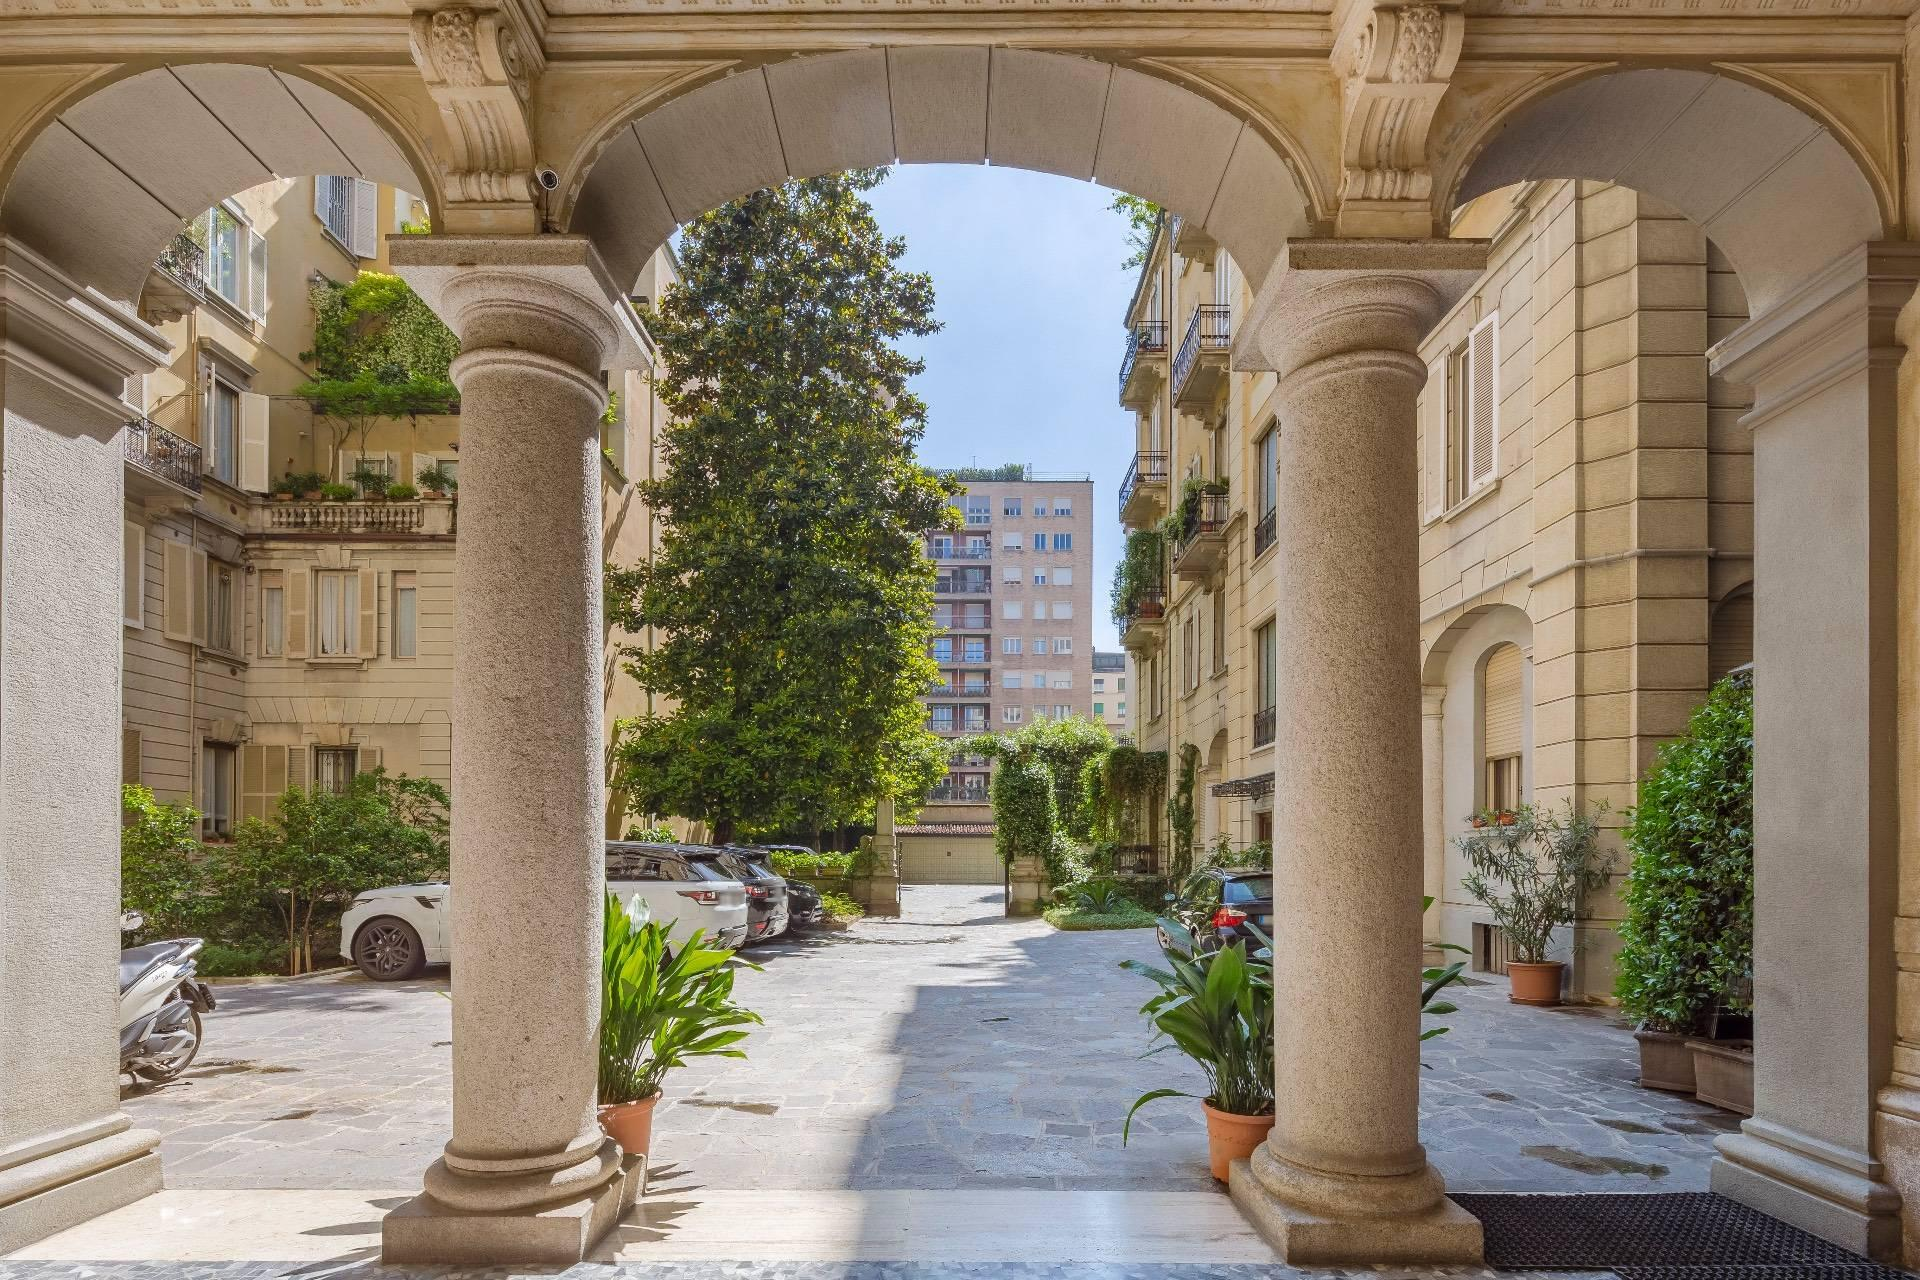 Elegante Wohnung im antiken Palast - 18